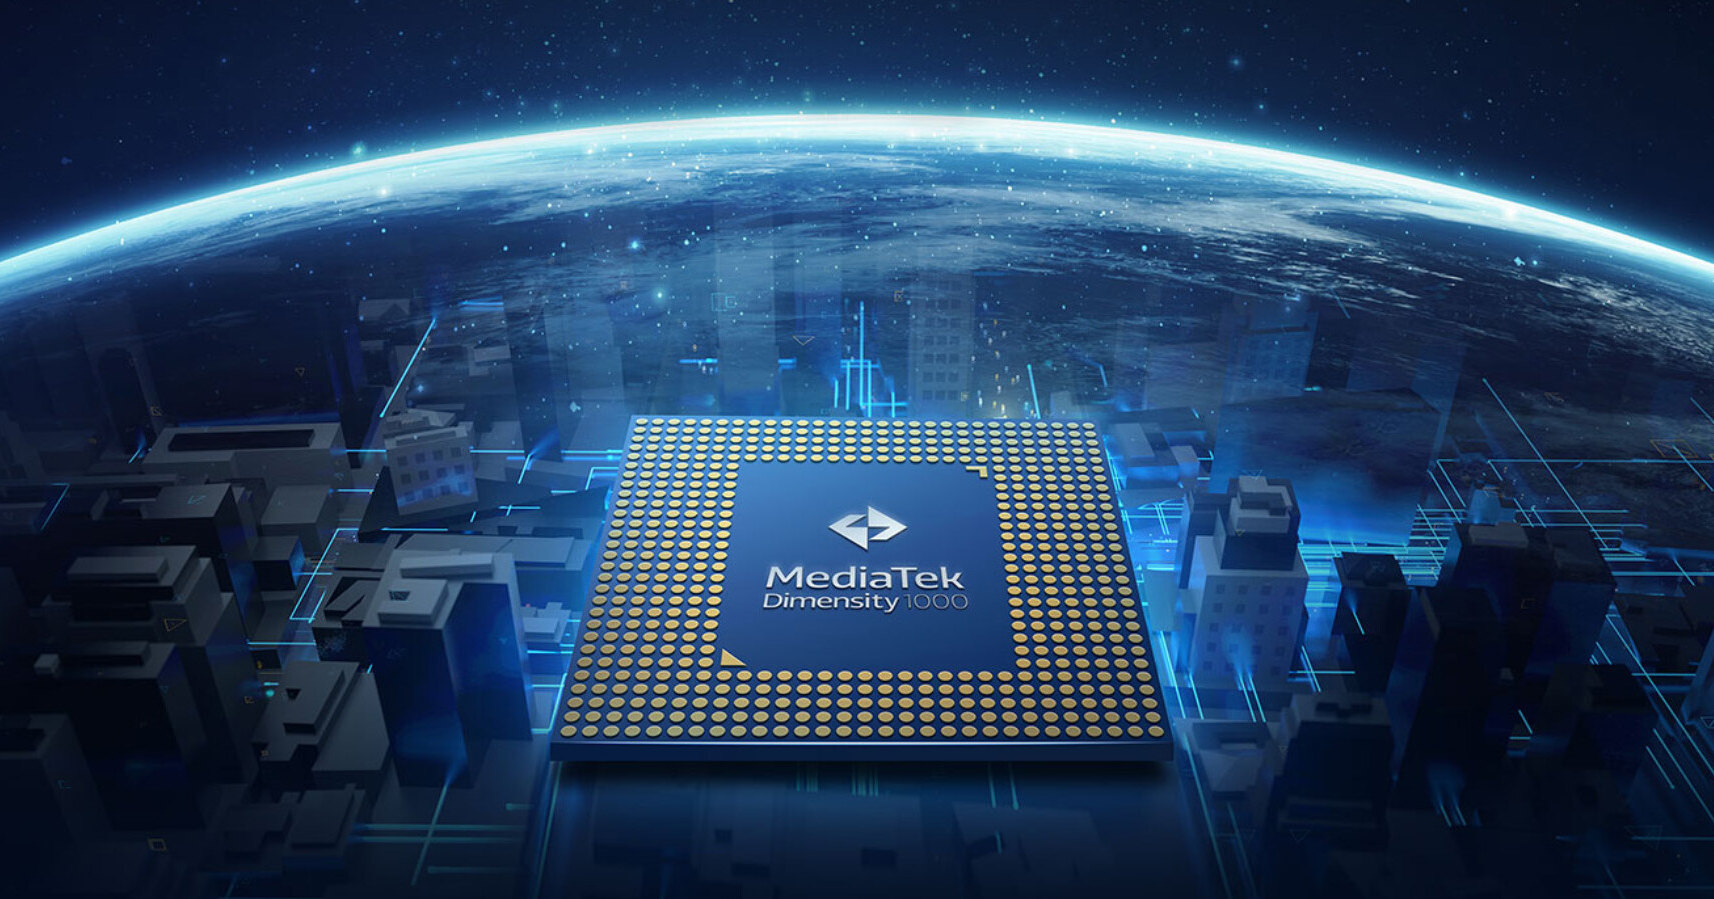 Создан невероятно функциональный и недорогой чип для смартфонов